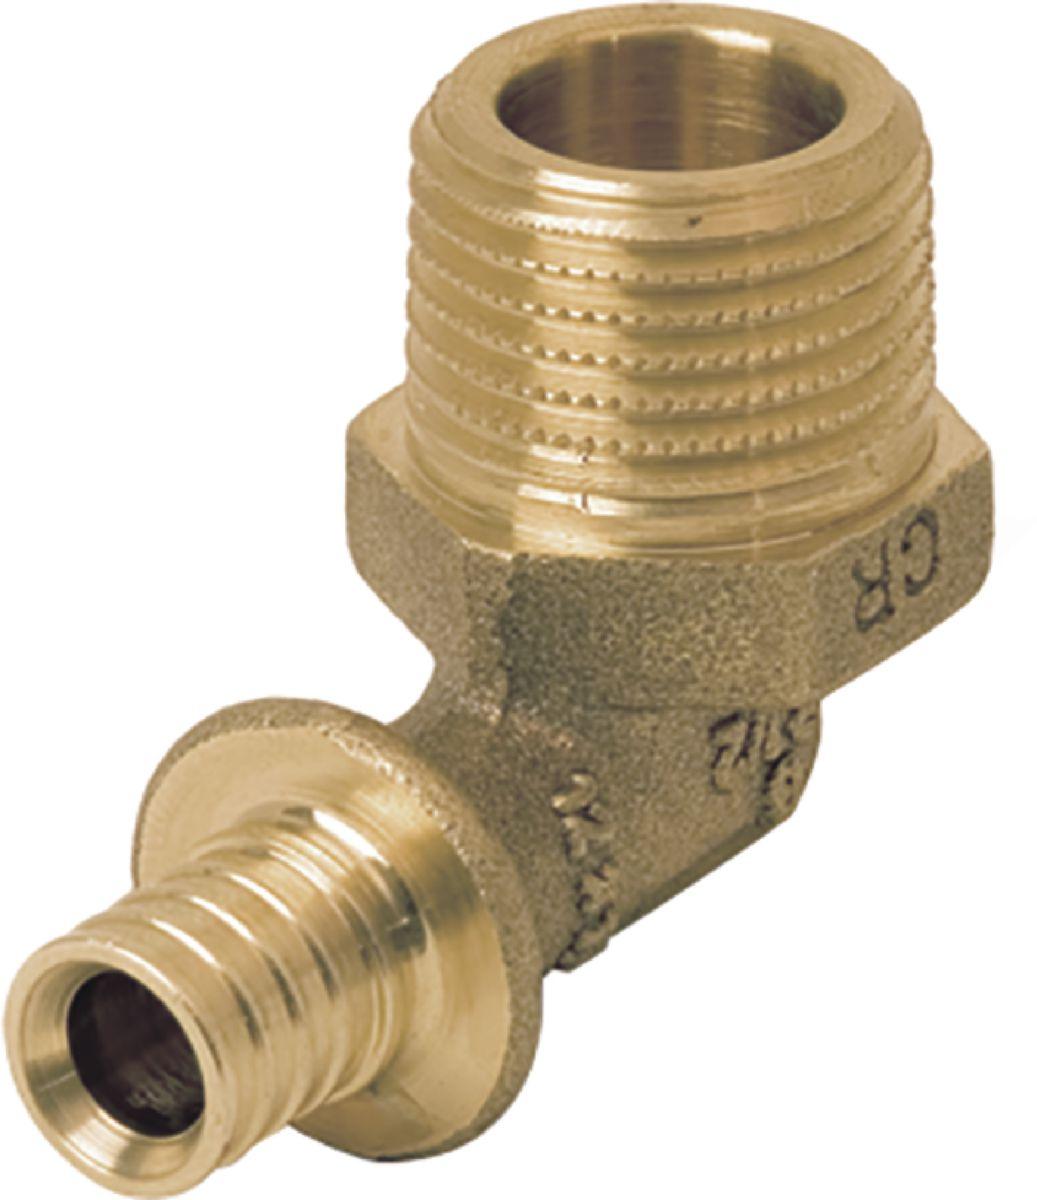 Coude à 90° diamètre 12-12x17 mâle en laiton Réf 11691341001